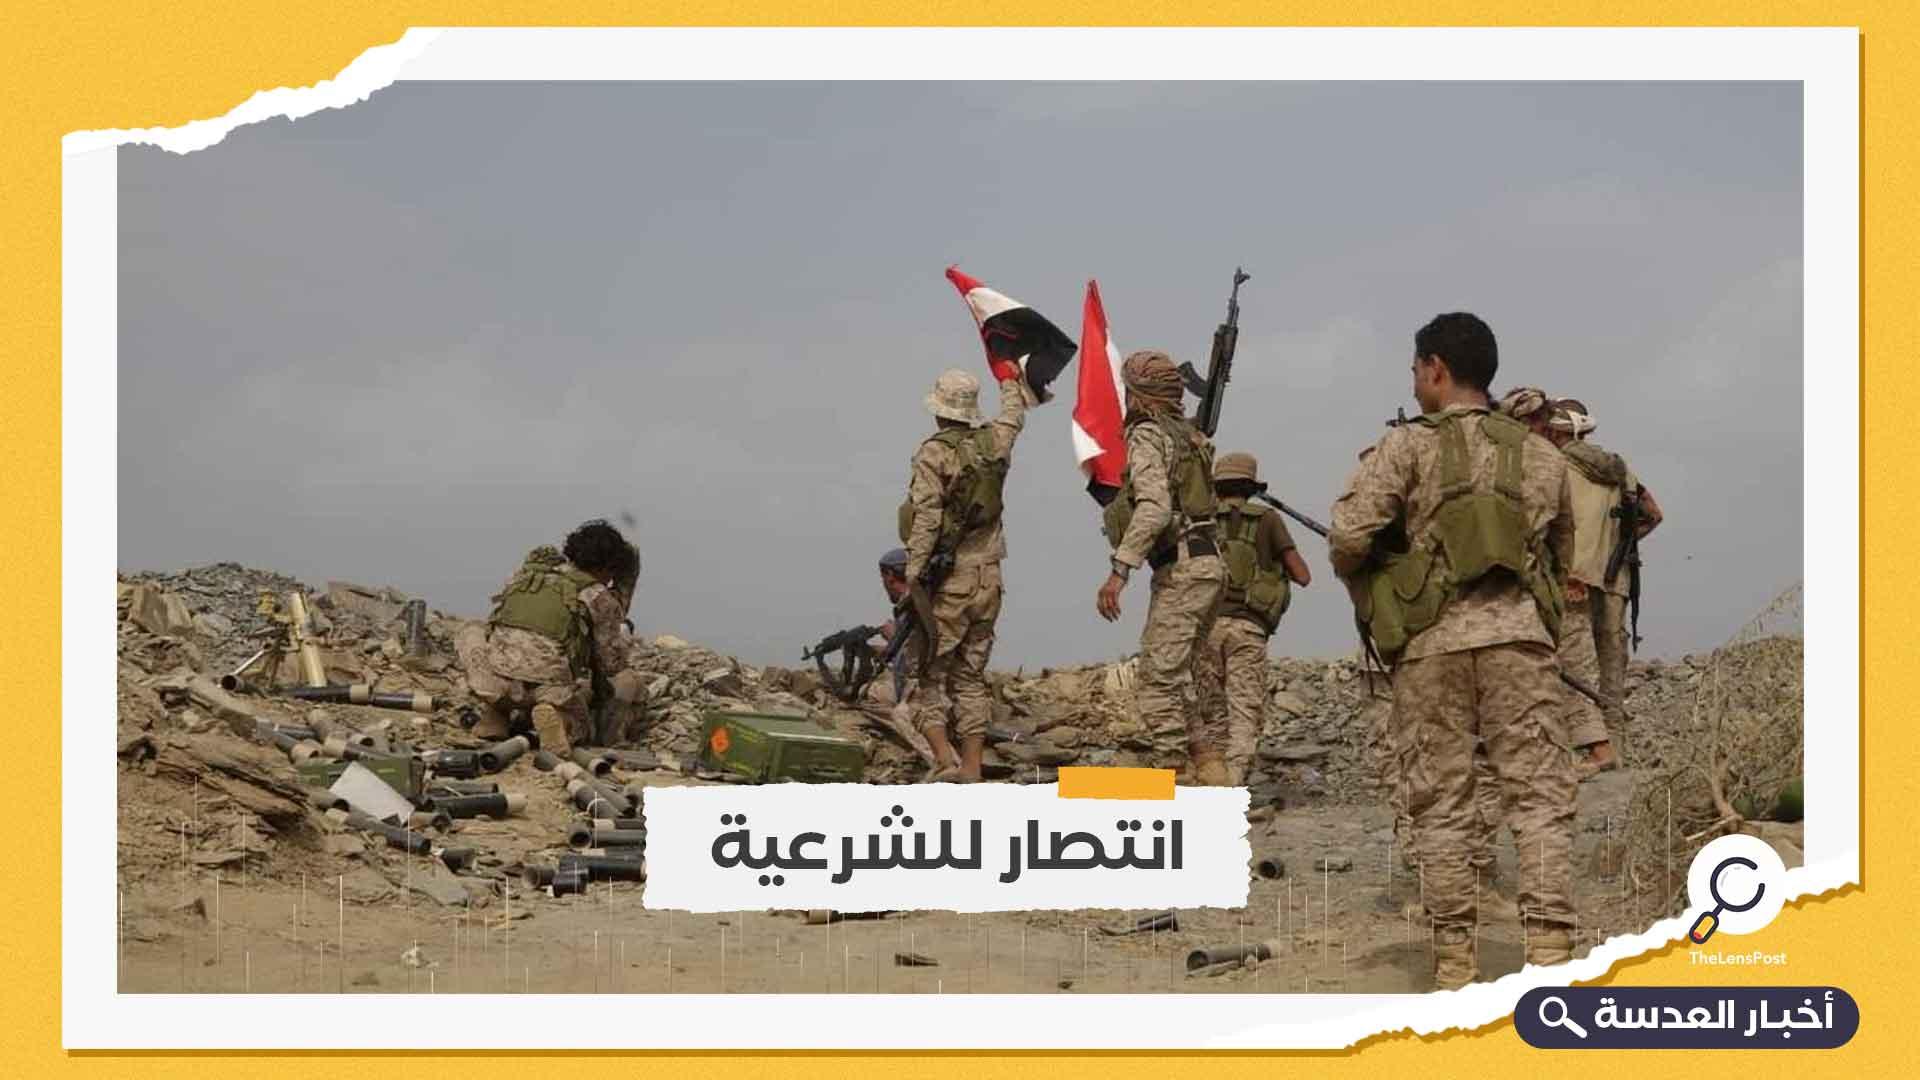 الجيش اليمني يعلن تحرير مواقع عسكرية استراتيجية في مأرب